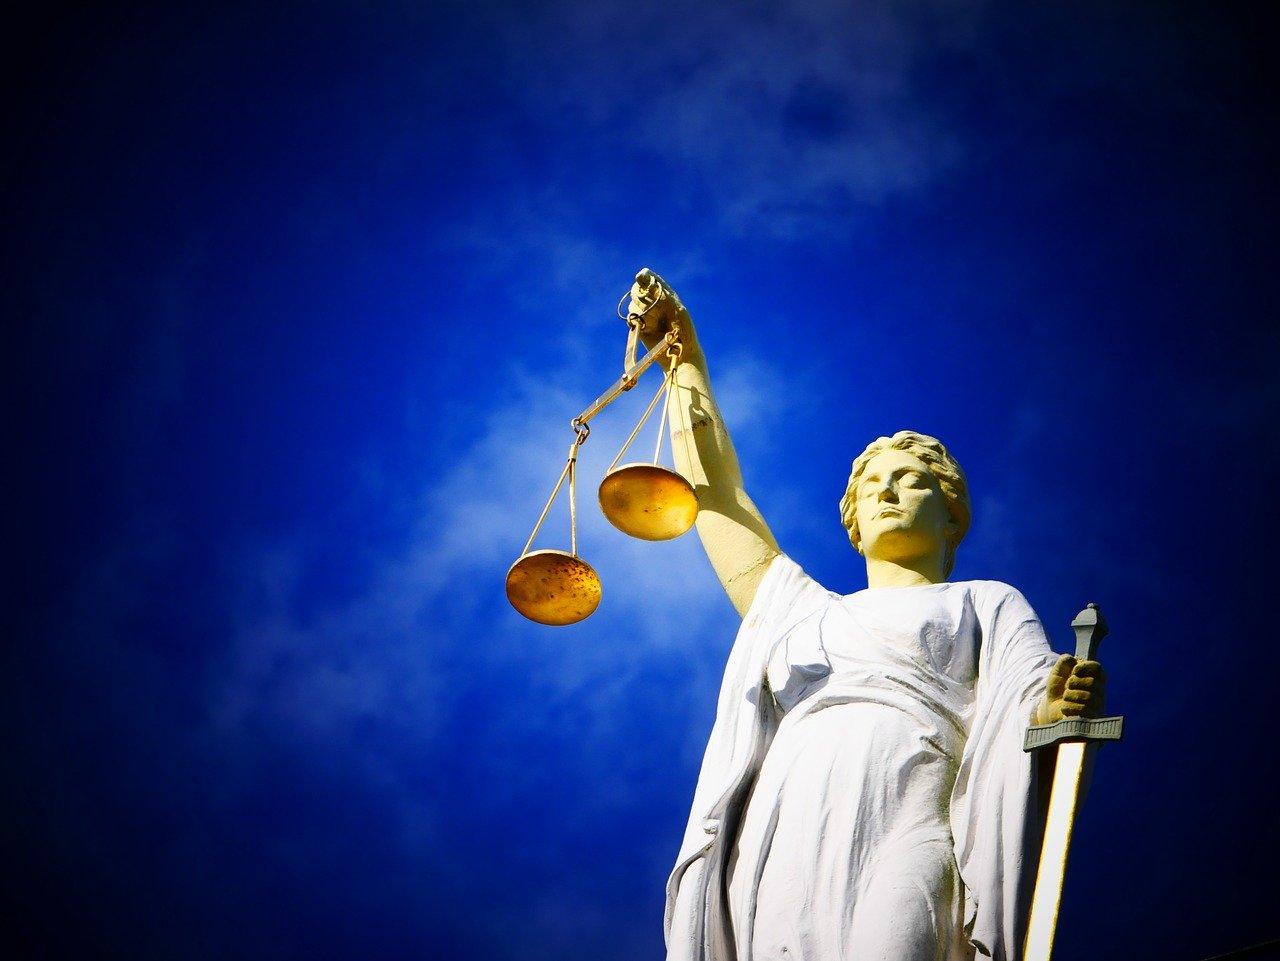 トランプ大統領を支えるアメリカ最強弁護士軍団「アメリカ大統領選挙を取り戻す」